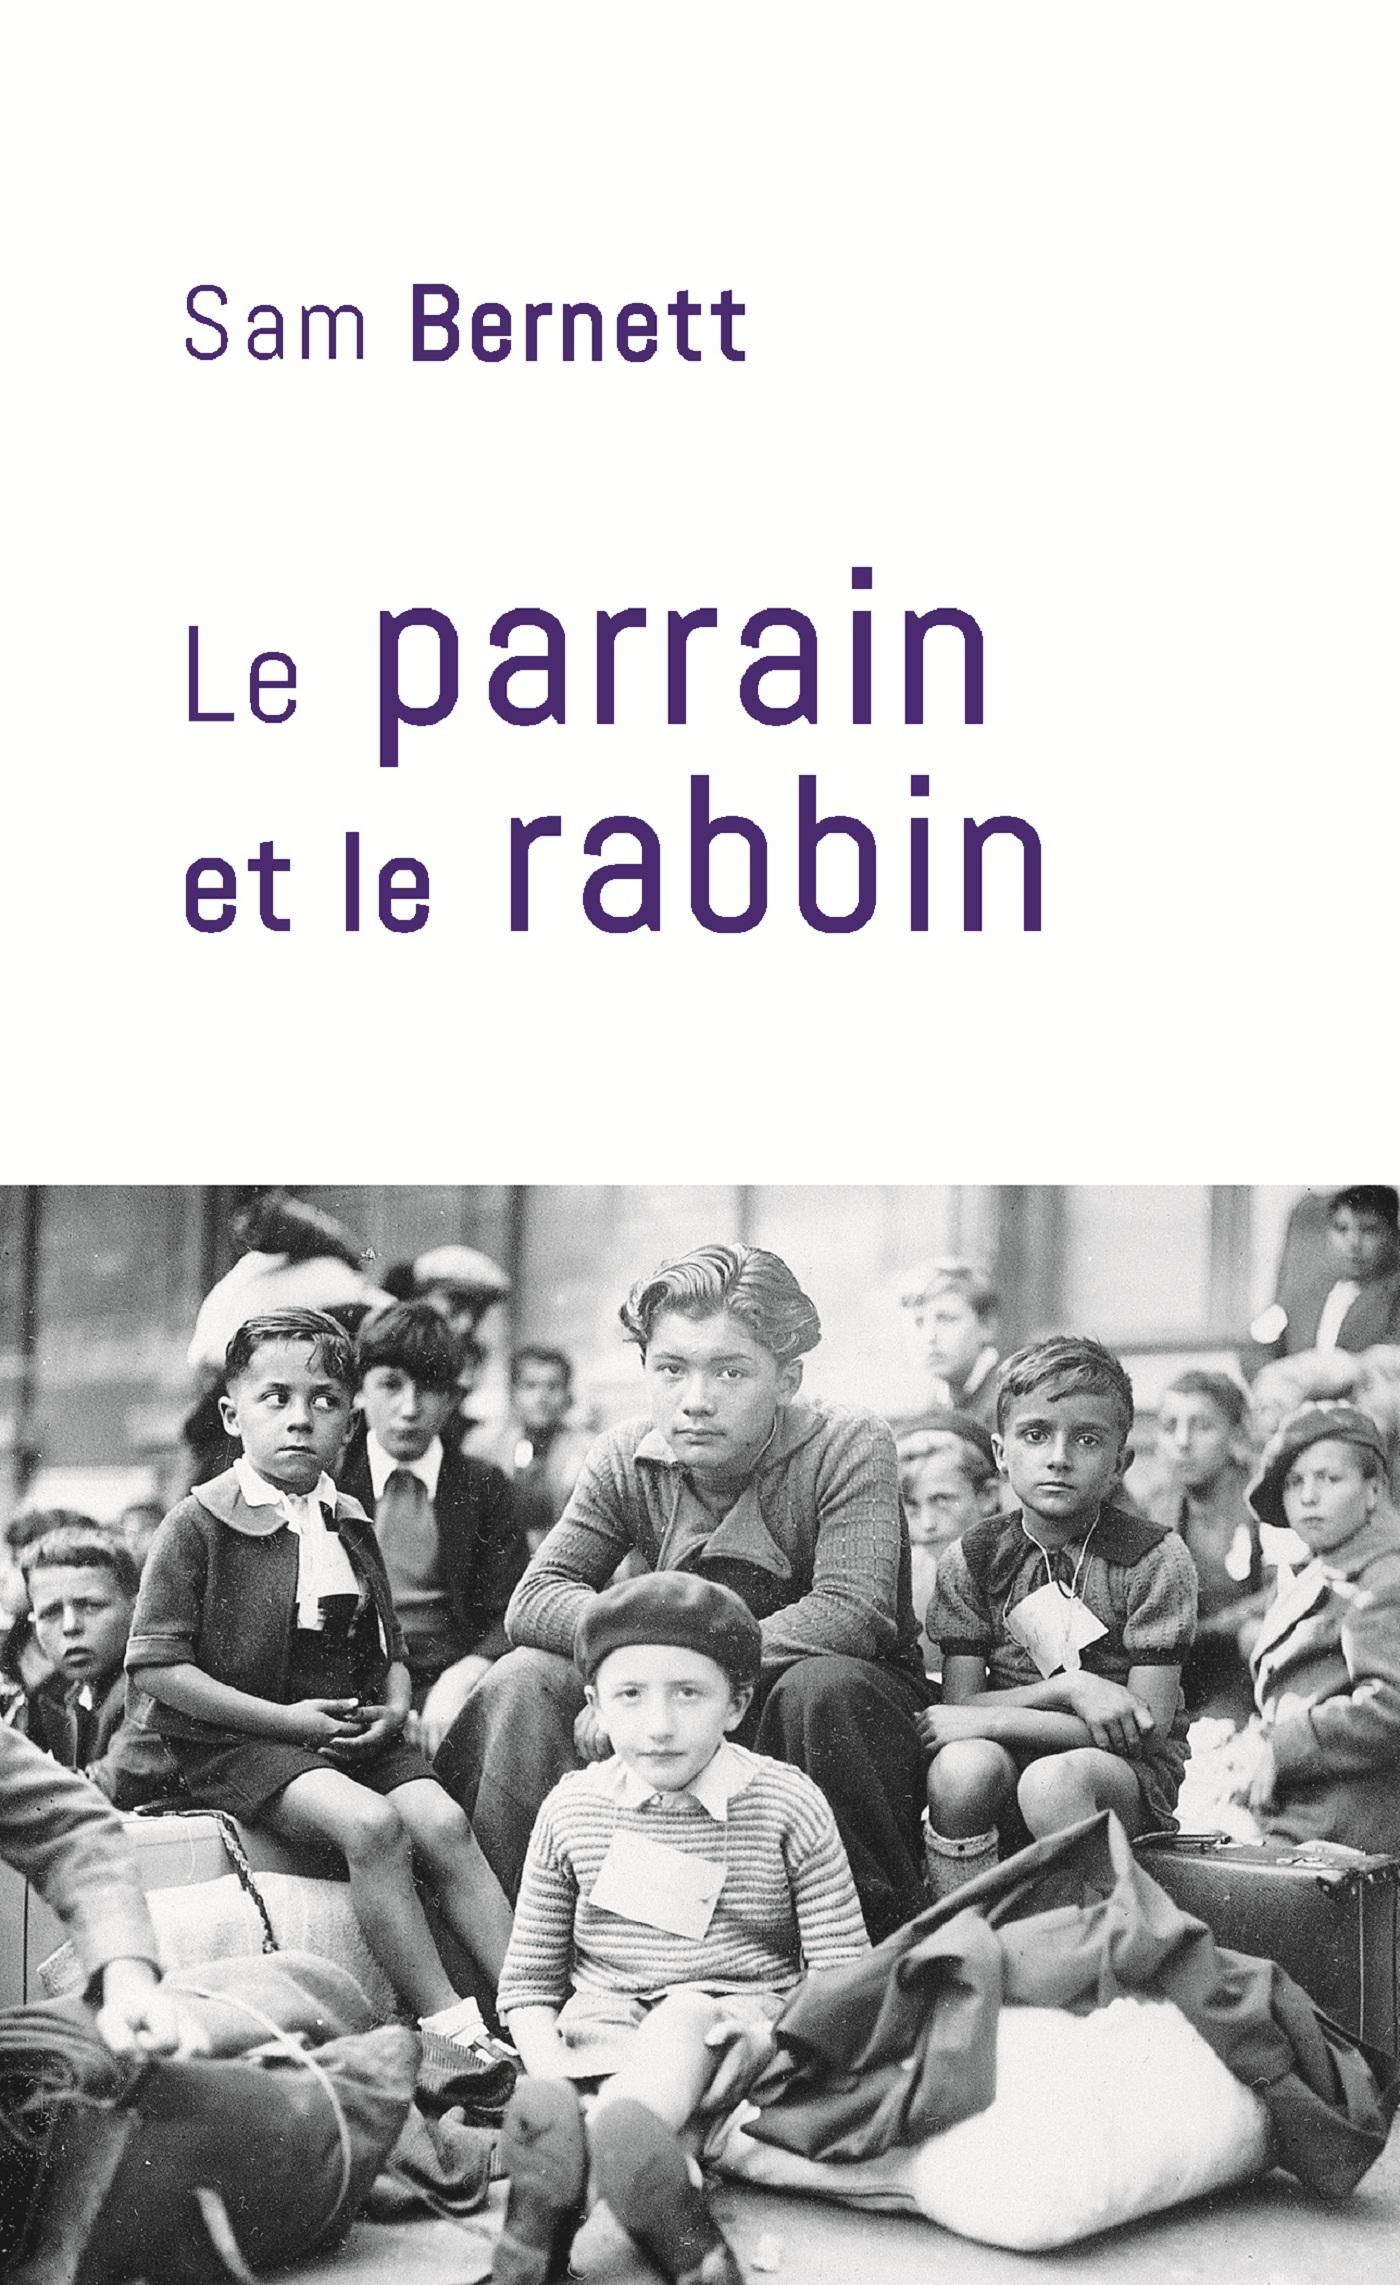 LE PARRAIN ET LE RABBIN